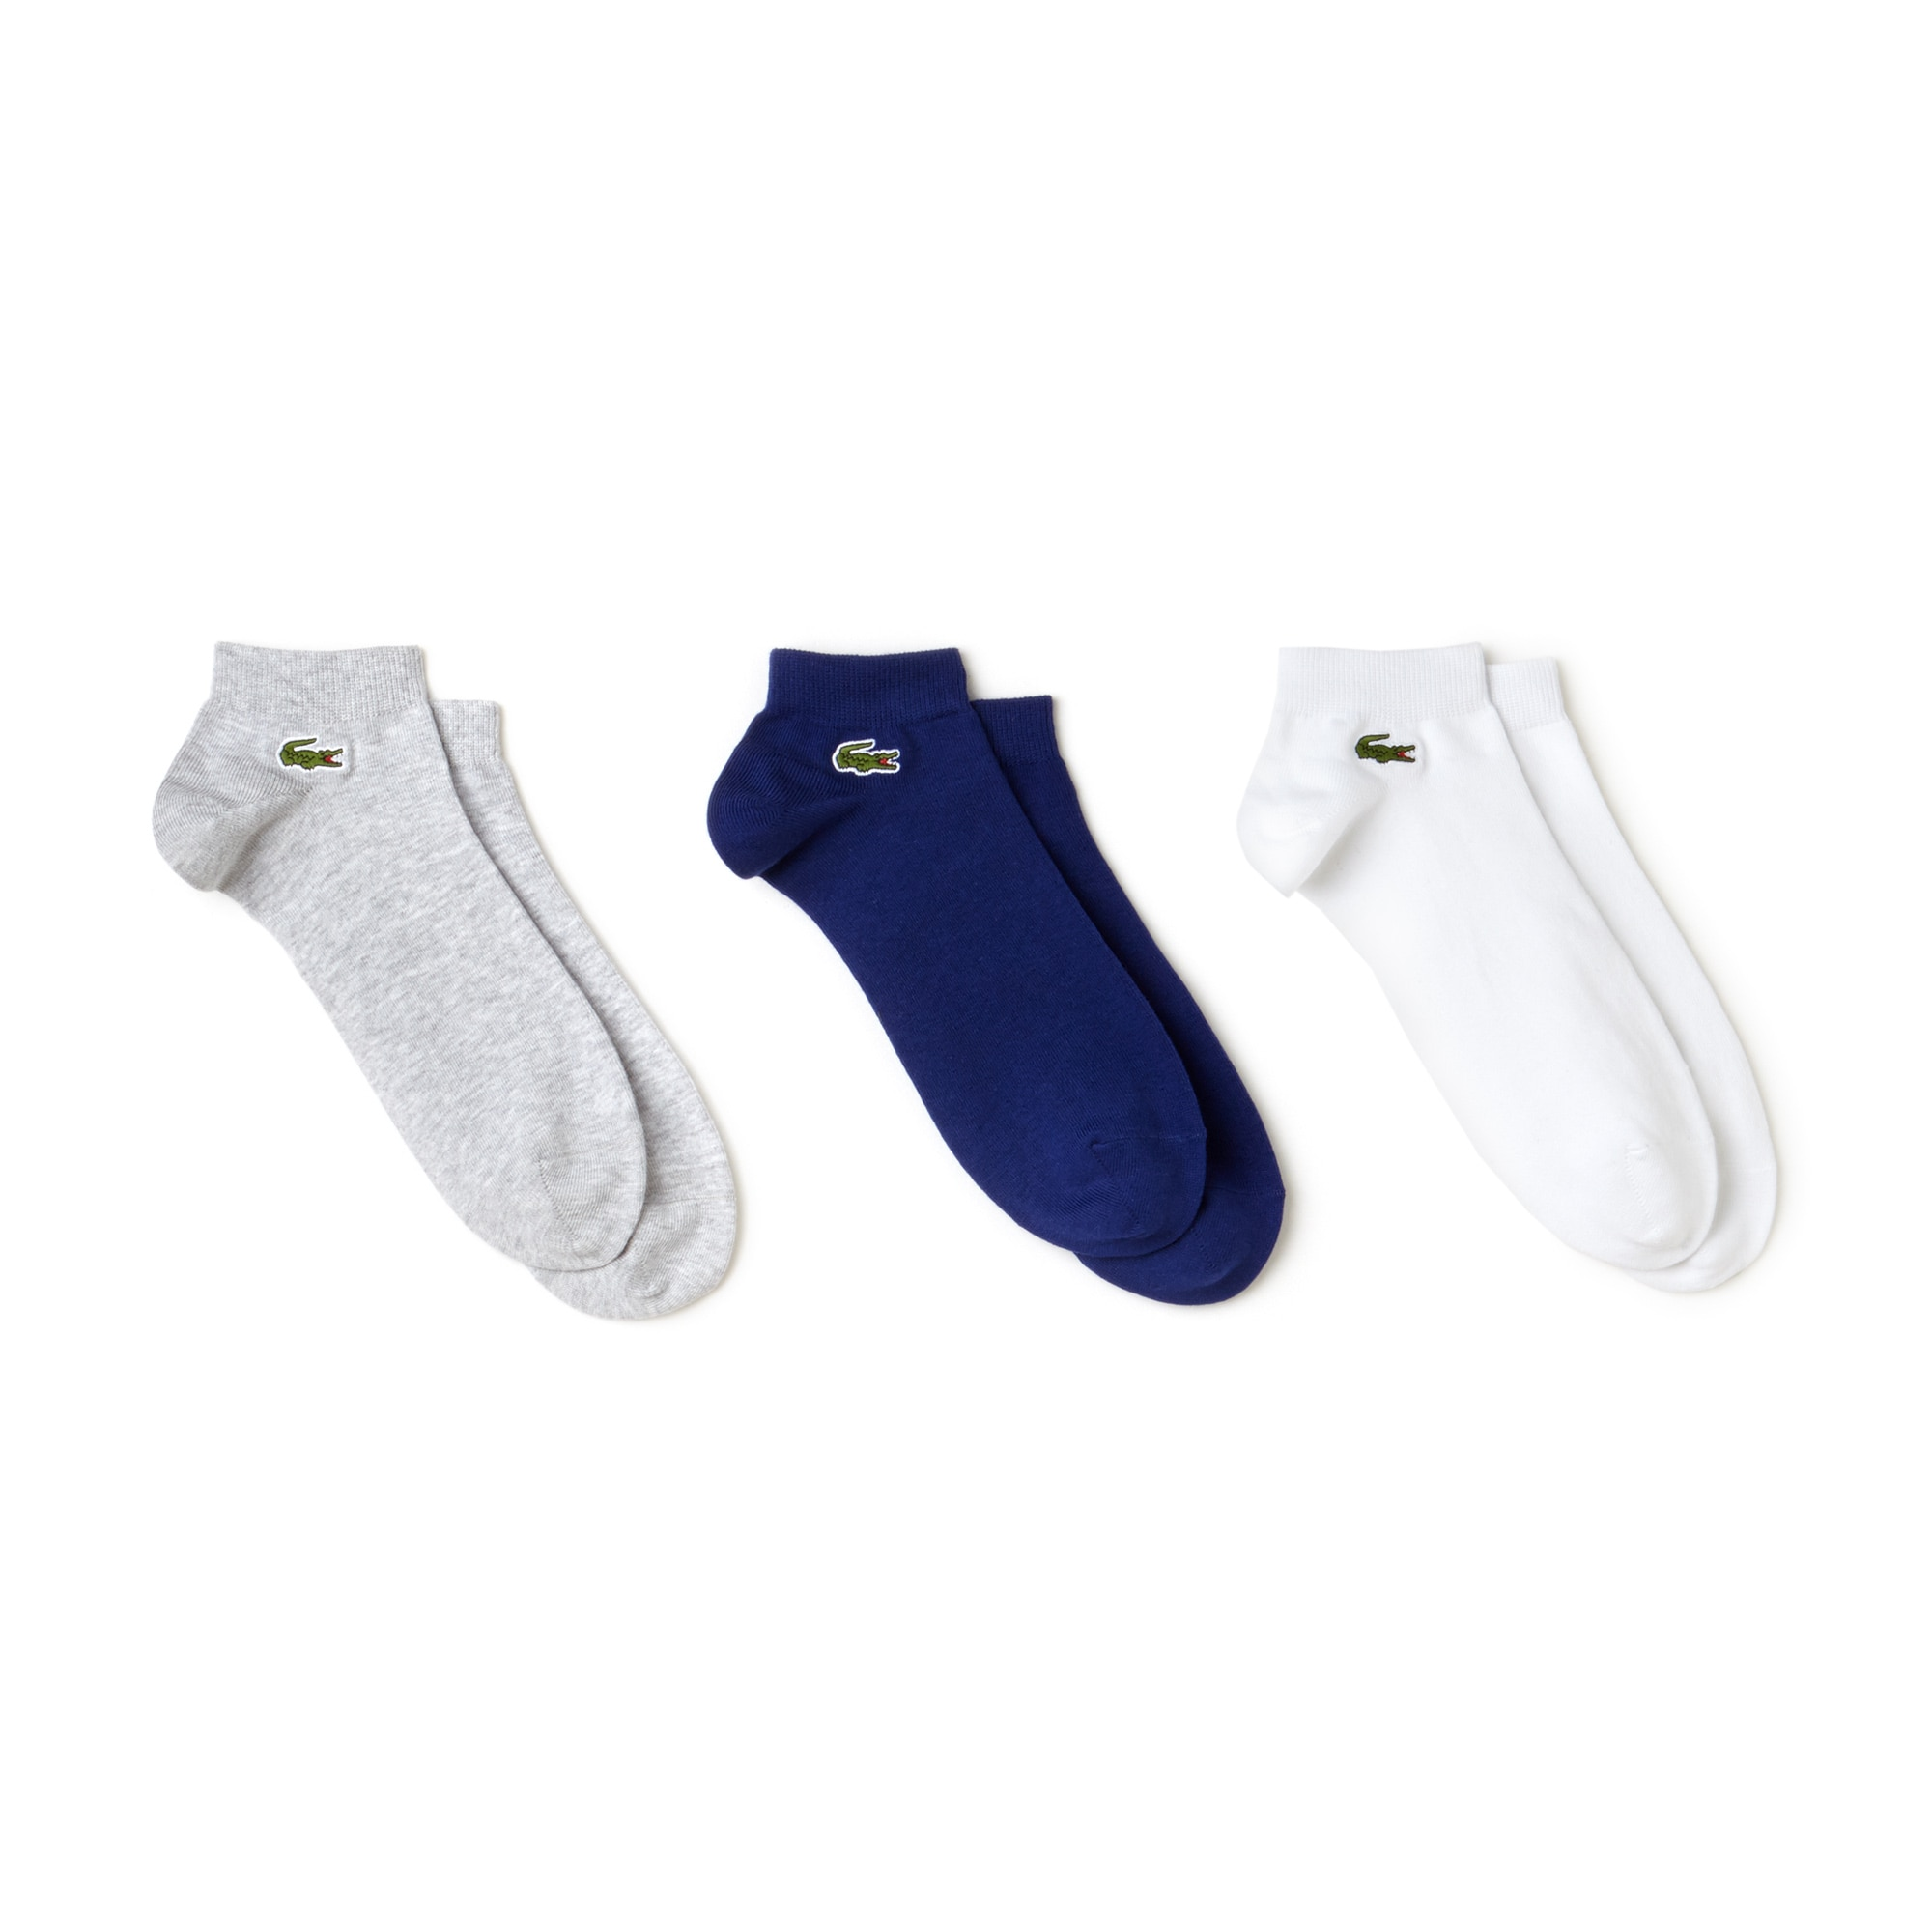 Confezione da tre paia di calze Lacoste Tennis basse in jersey in tinta unita